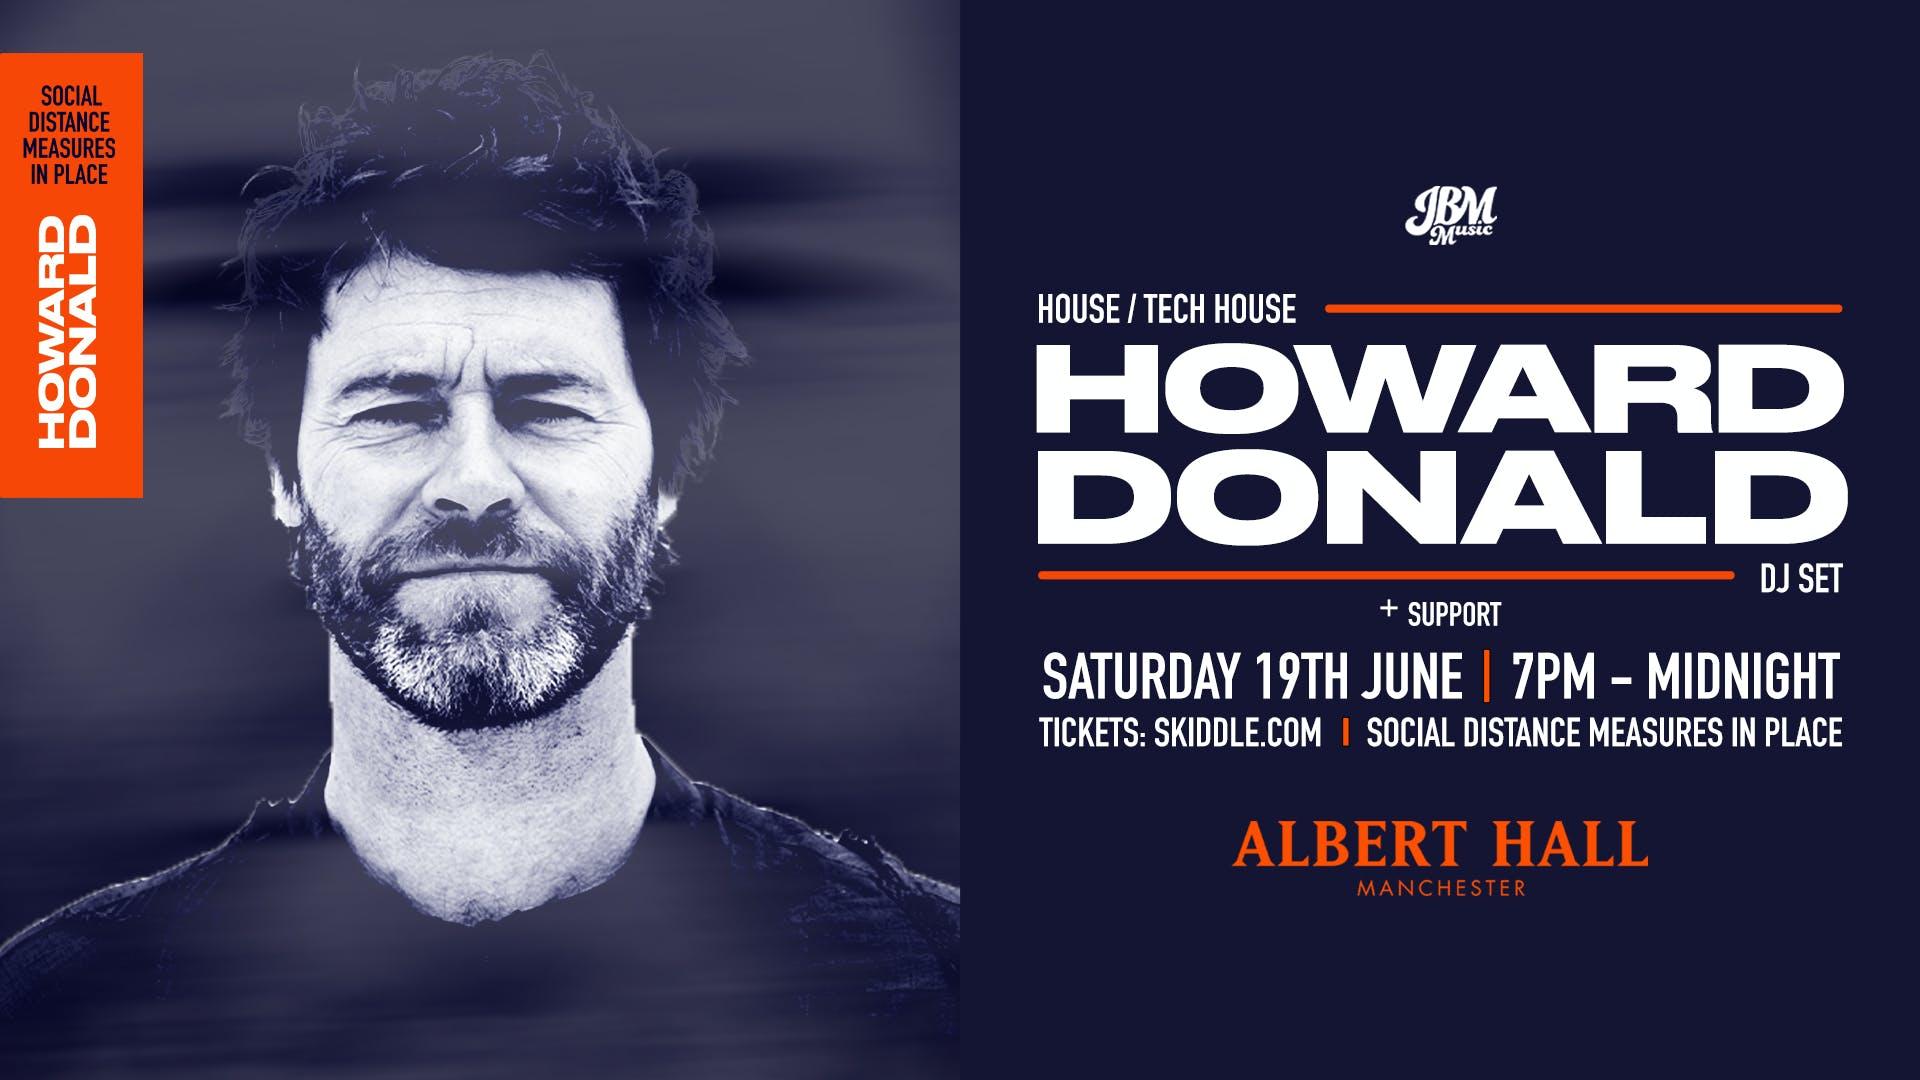 HOWARD DONALD (DJ SET)